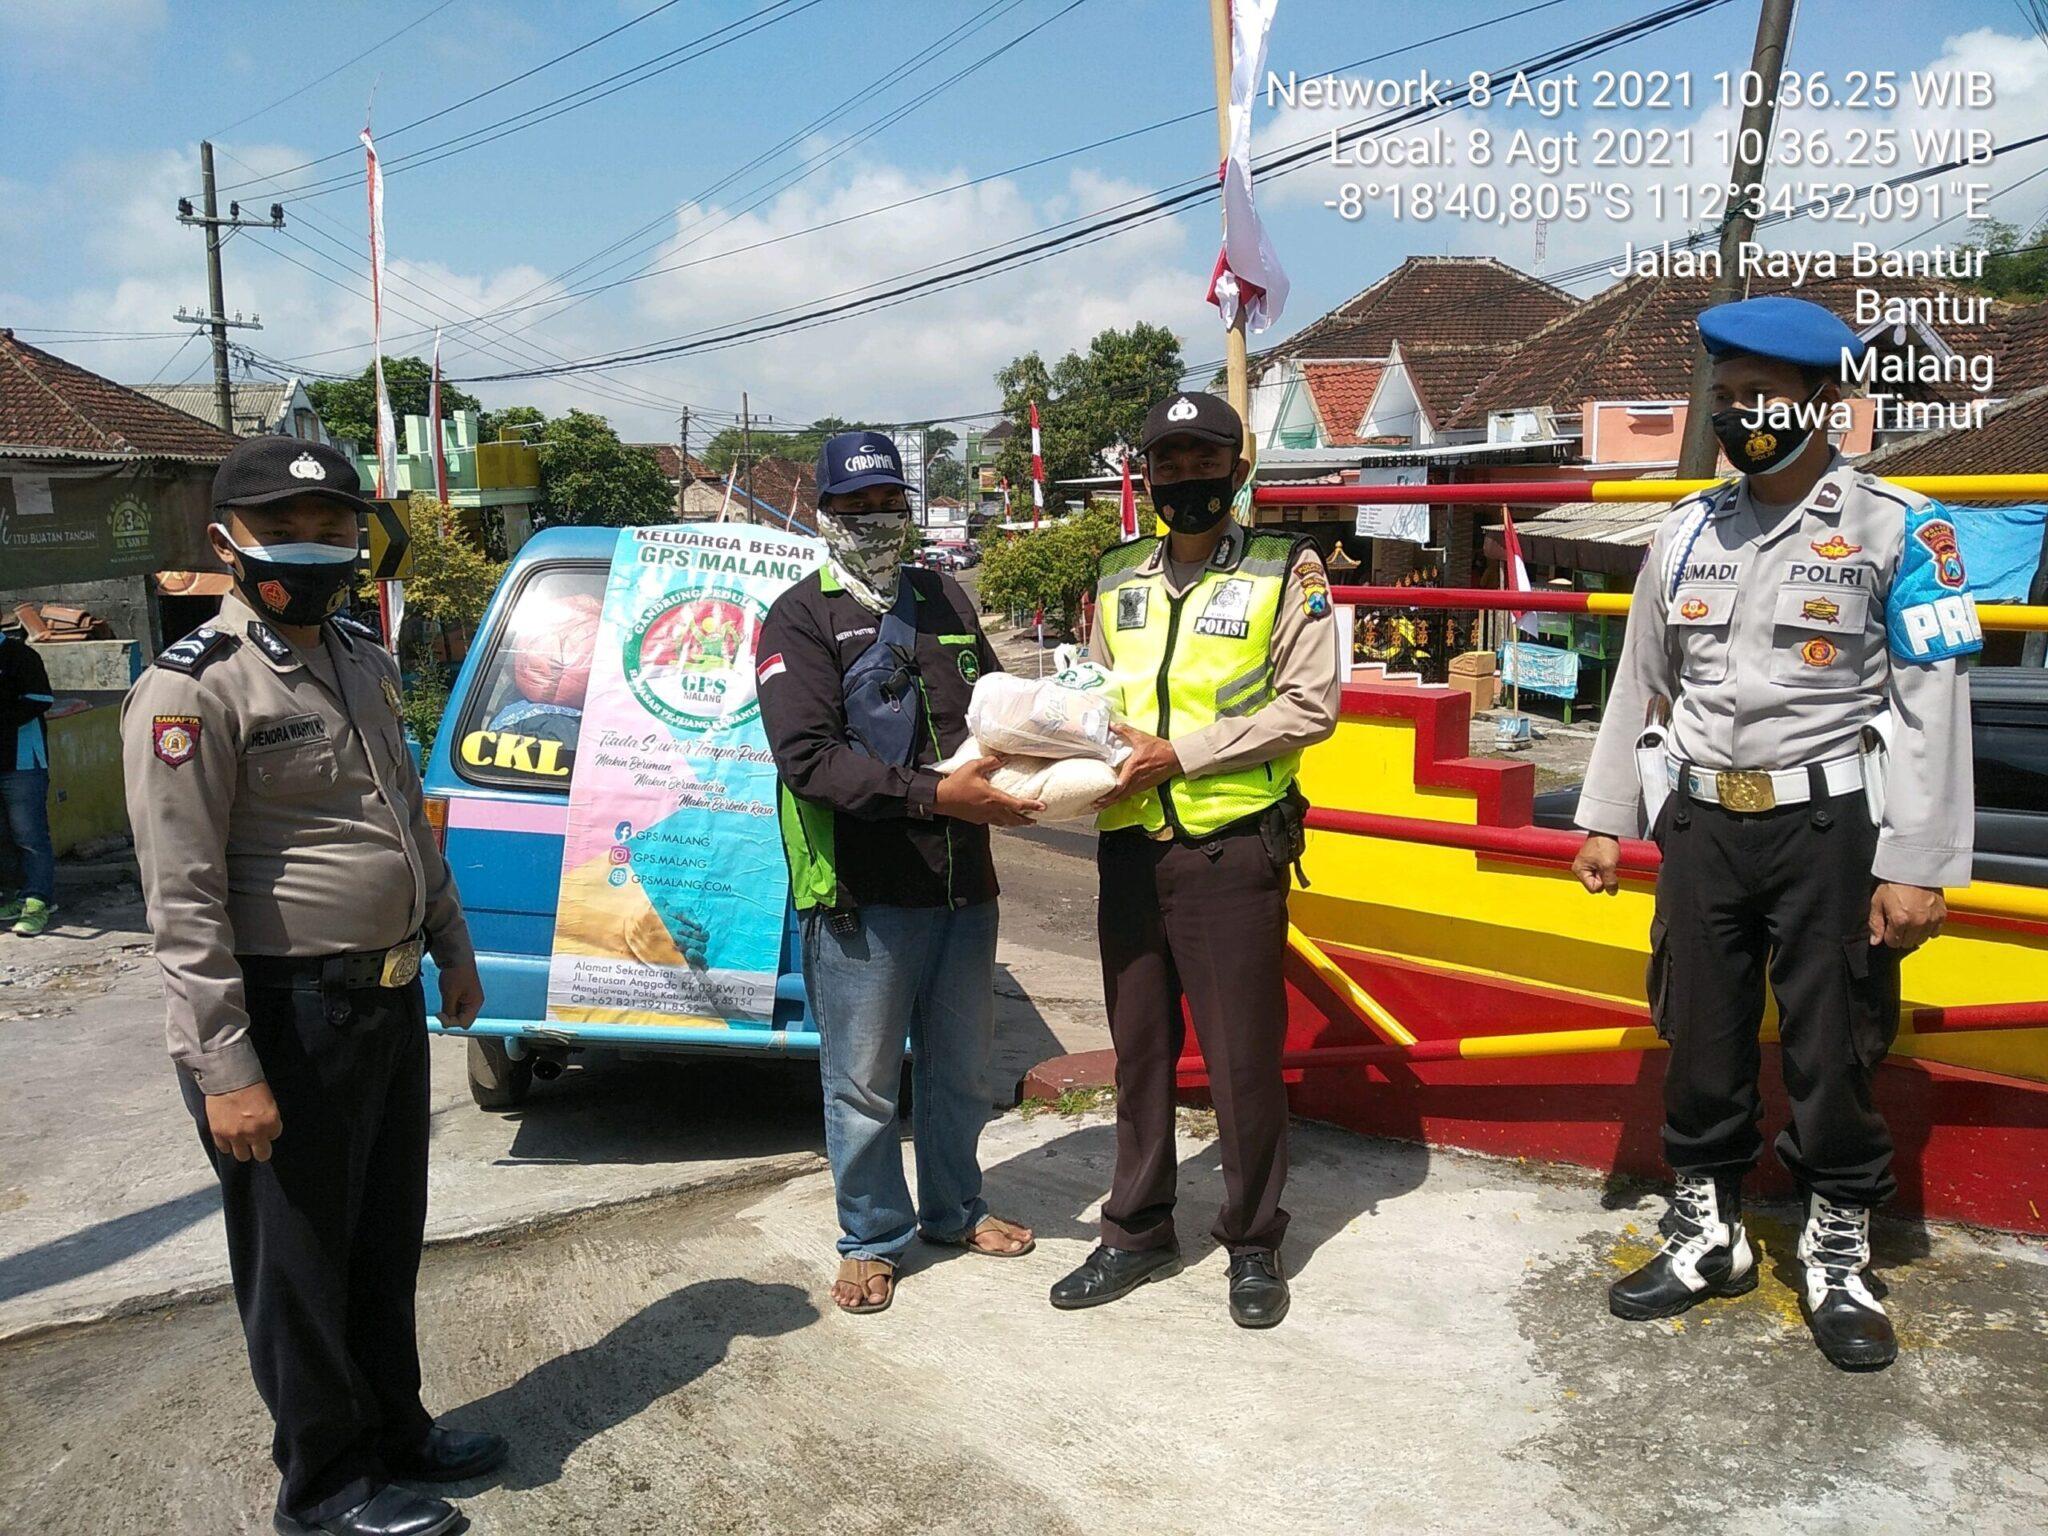 Jelang Hari Kemerdekaan Republik Indonesia yang ke 76 TH, Polsek Bantur Bersama Komunitas GPS Bagikan Sembako & pakaian layak pakai